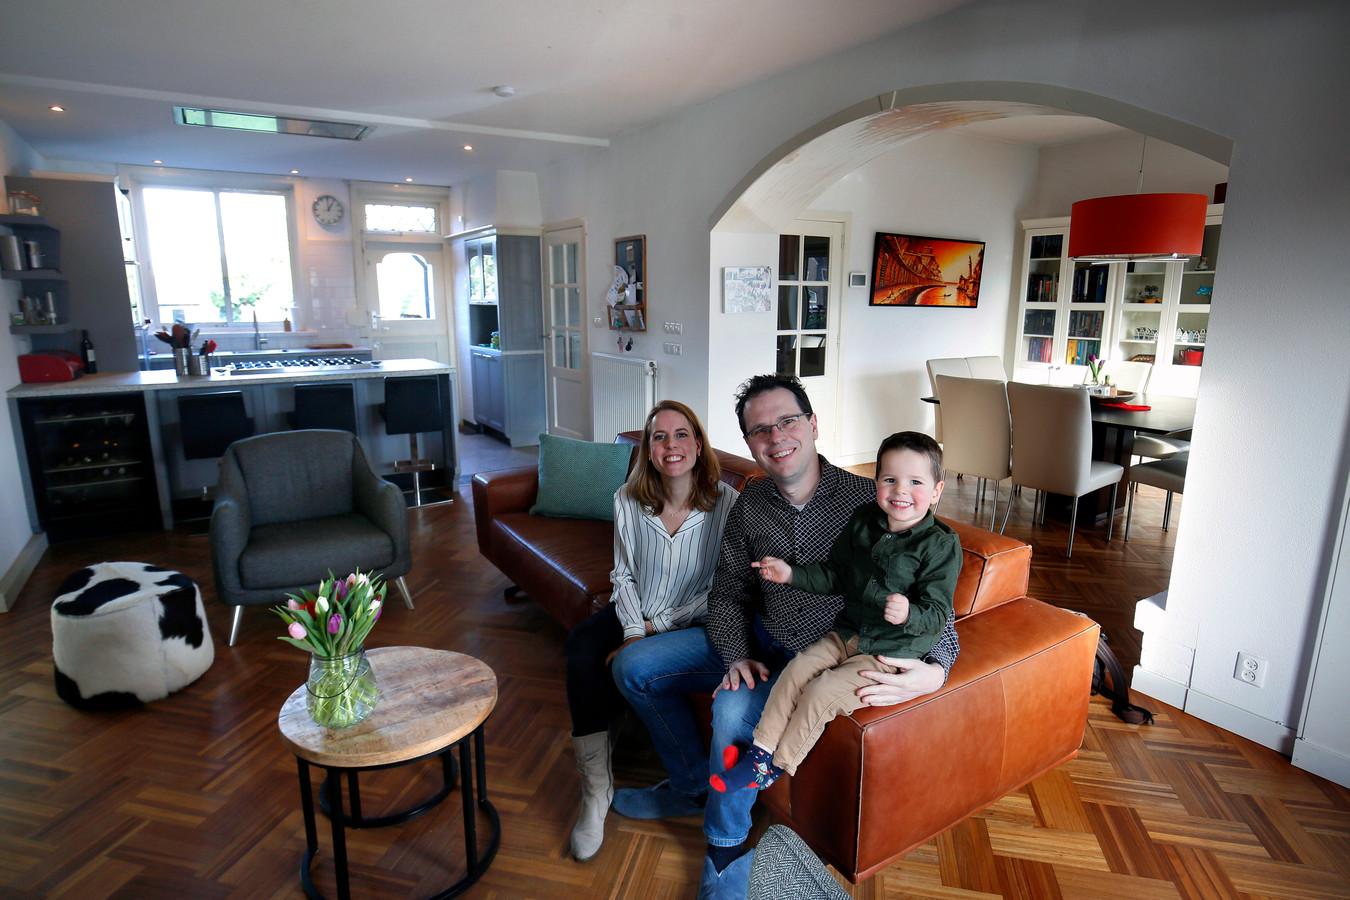 De familie Gilissen: Connie (35), Pieter (39) en hun zoon Hugo (3) in de woonkamer.